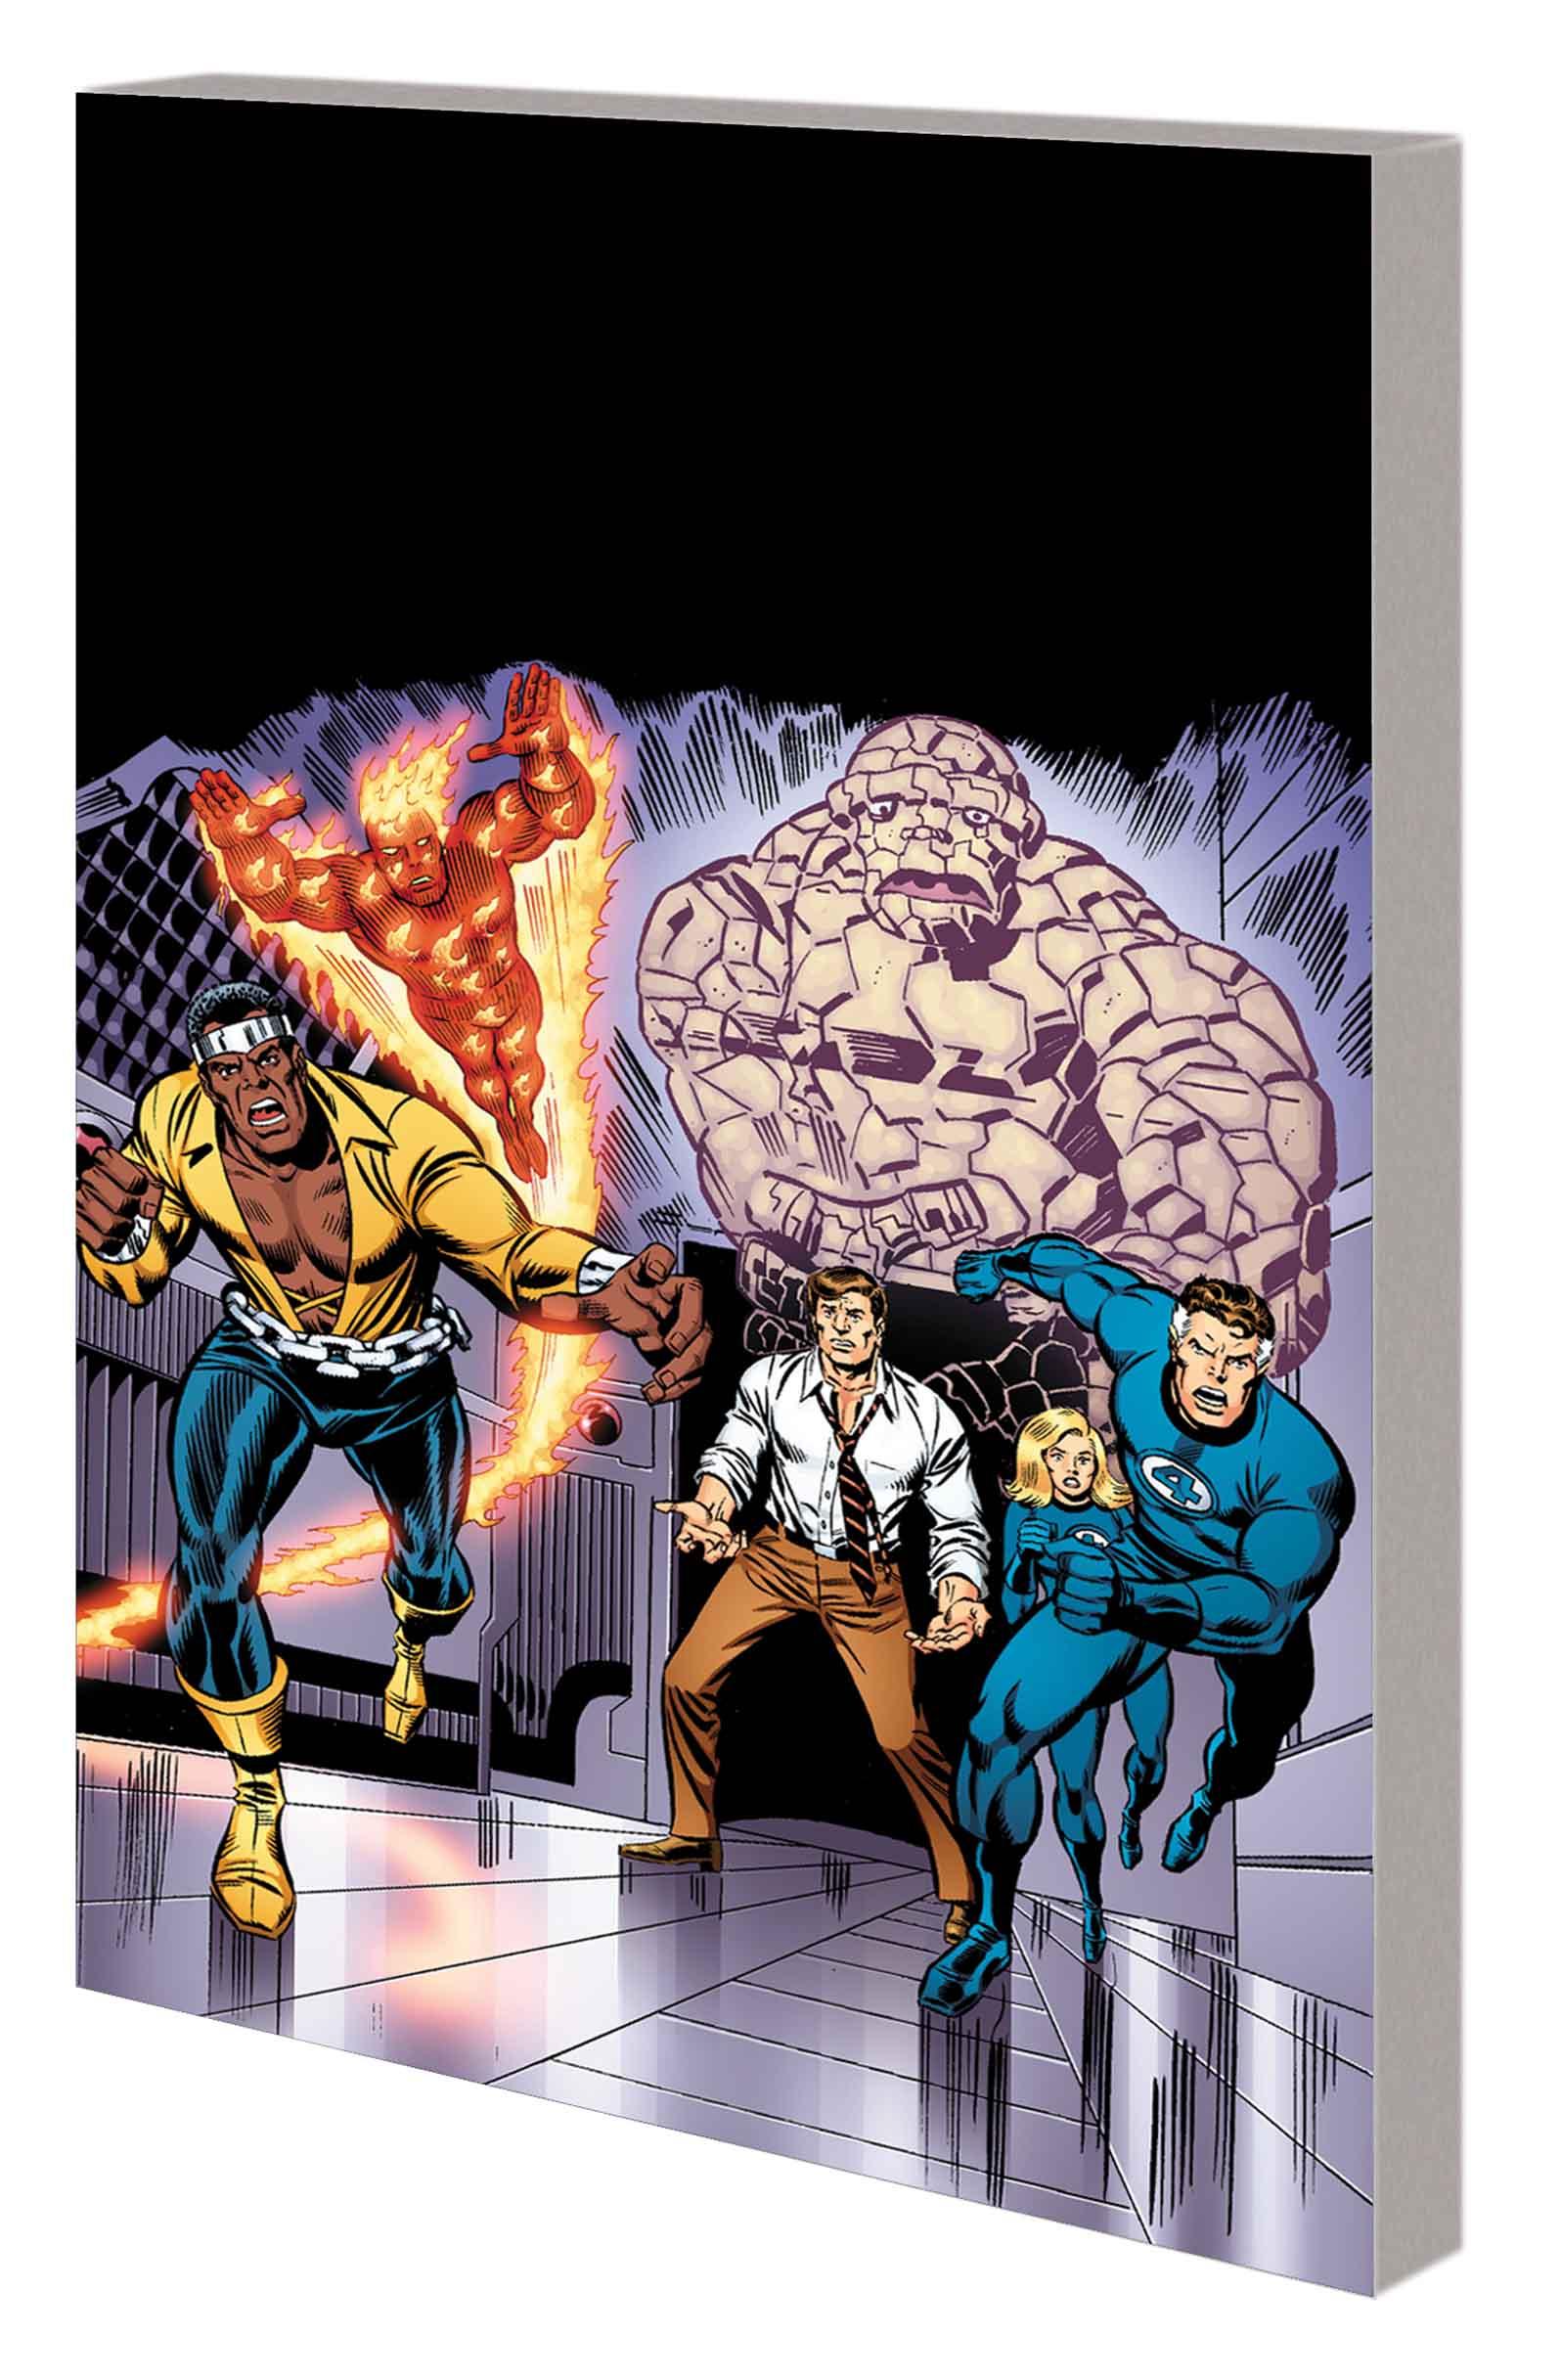 Fantastic Four: Crusaders & Titans (Trade Paperback)